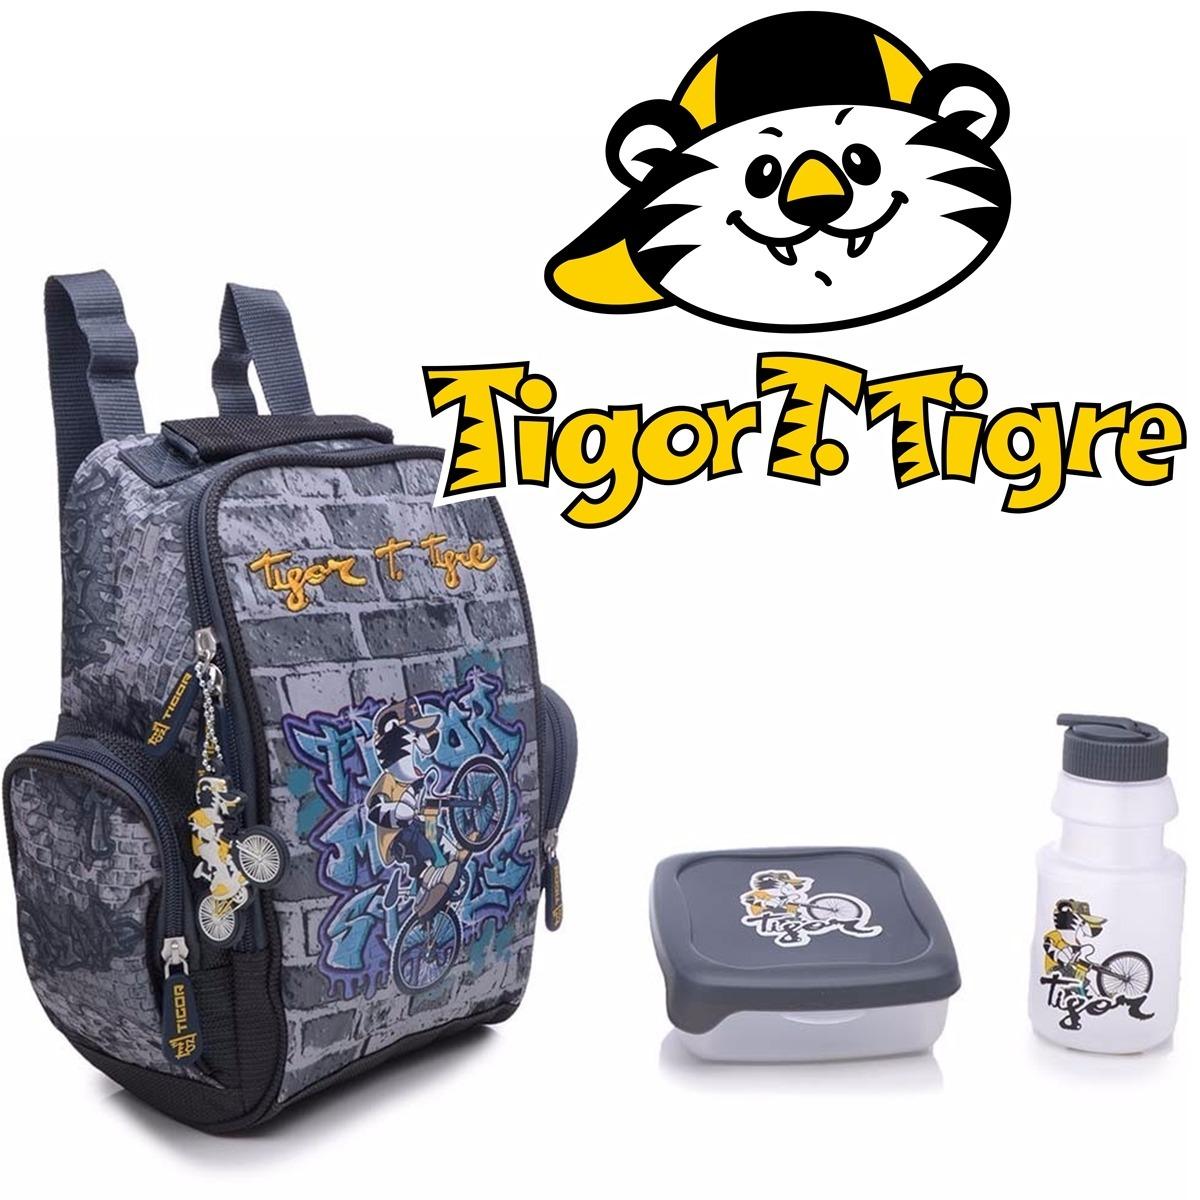 c251b62e79   promoção   lancheira tigor t. tigre cinza original c  kit. Carregando zoom .